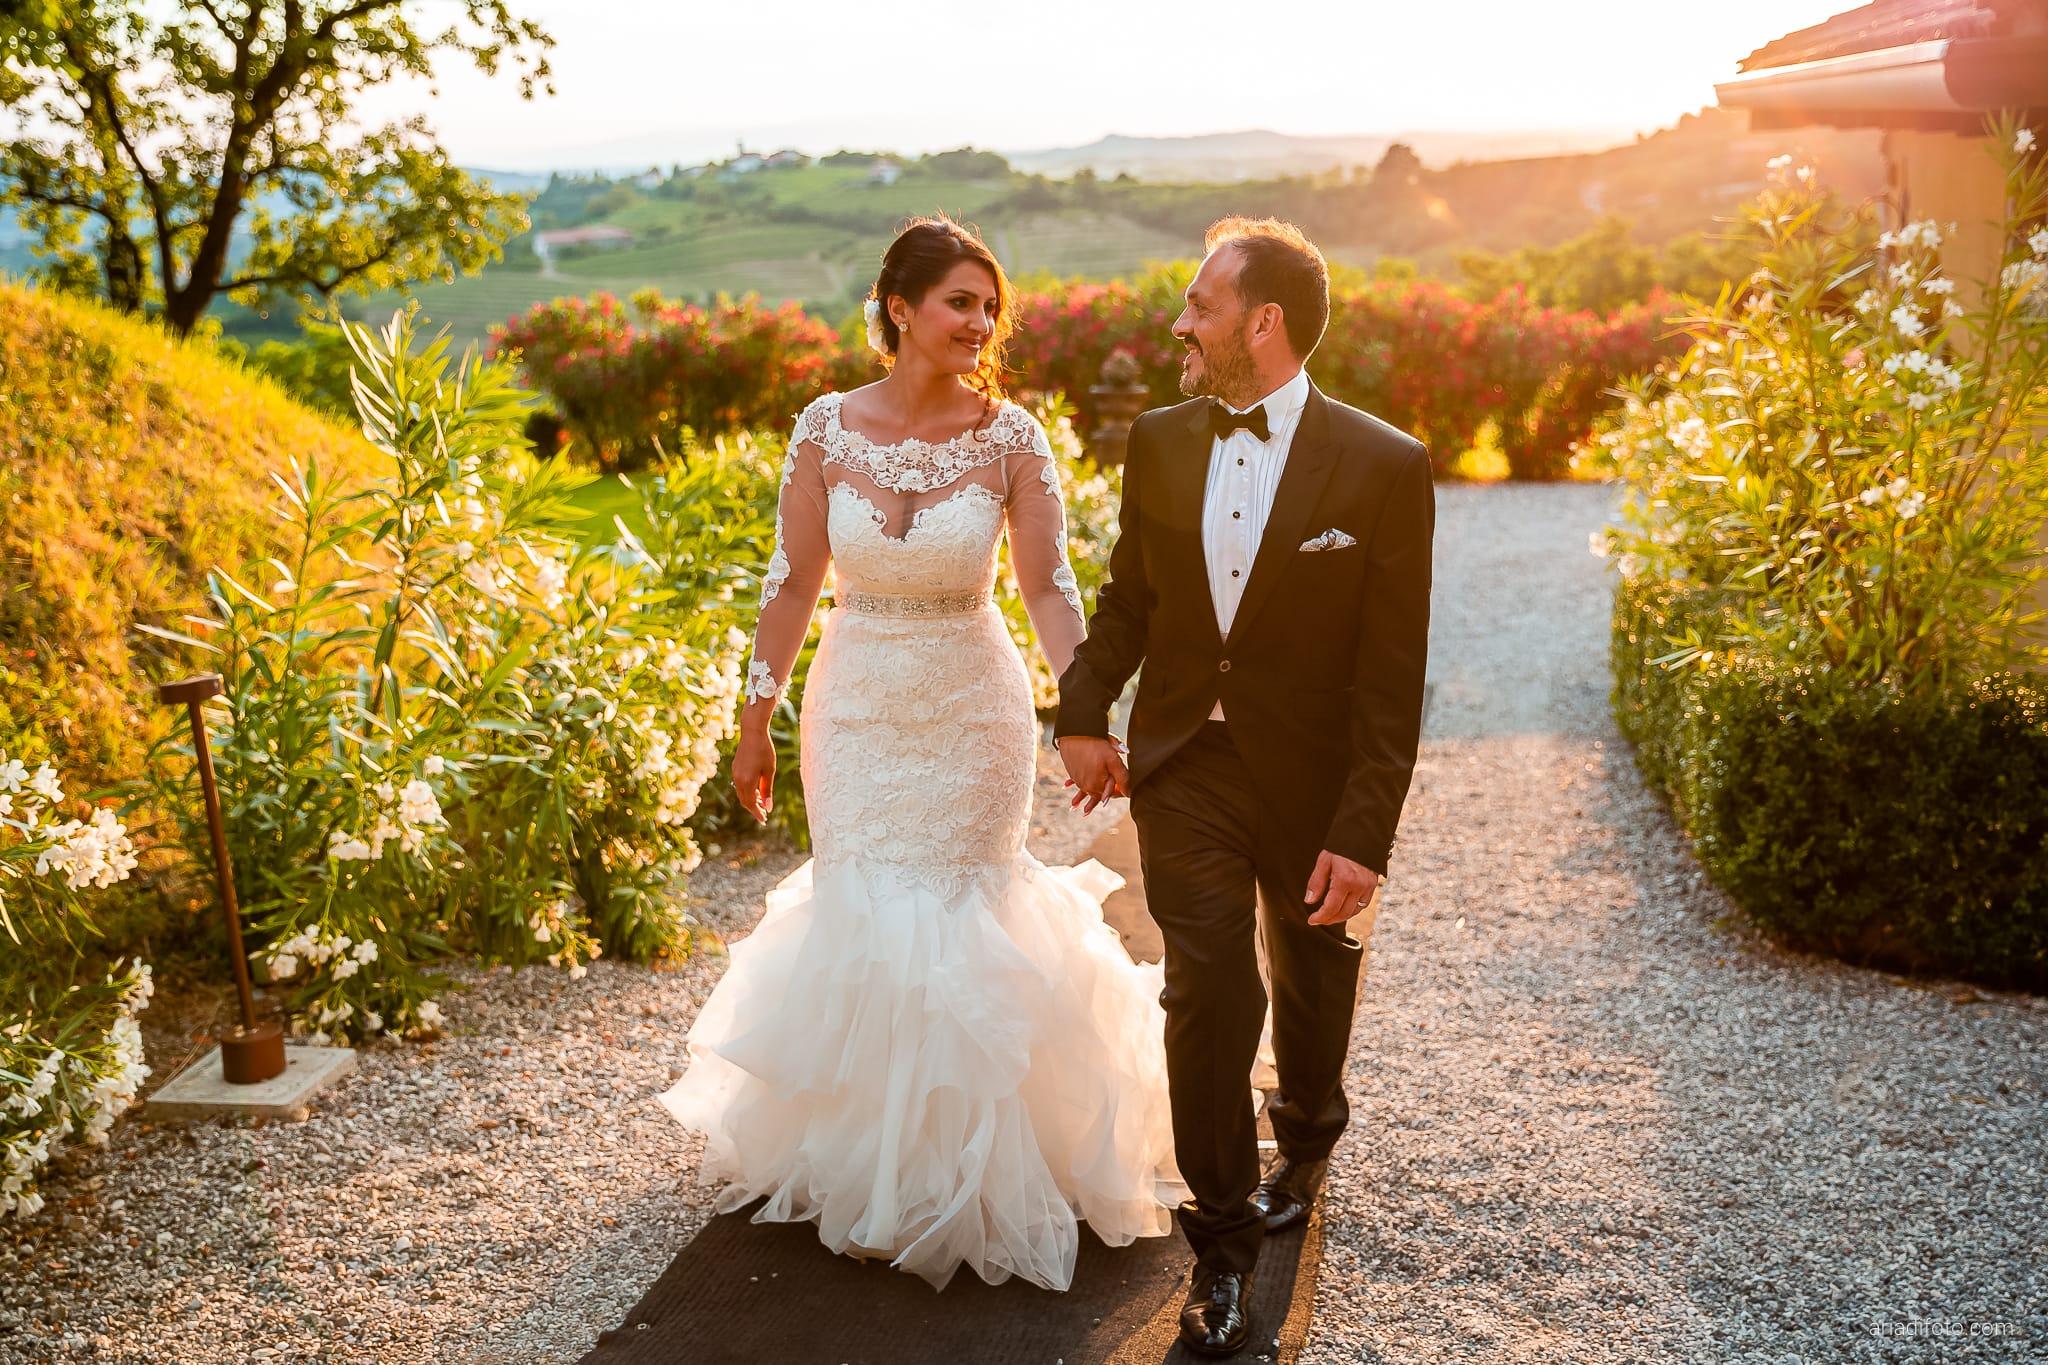 Sofia Mario Matrimonio Baronesse Tacco Collio Gorizia ritratti sposi tramonto